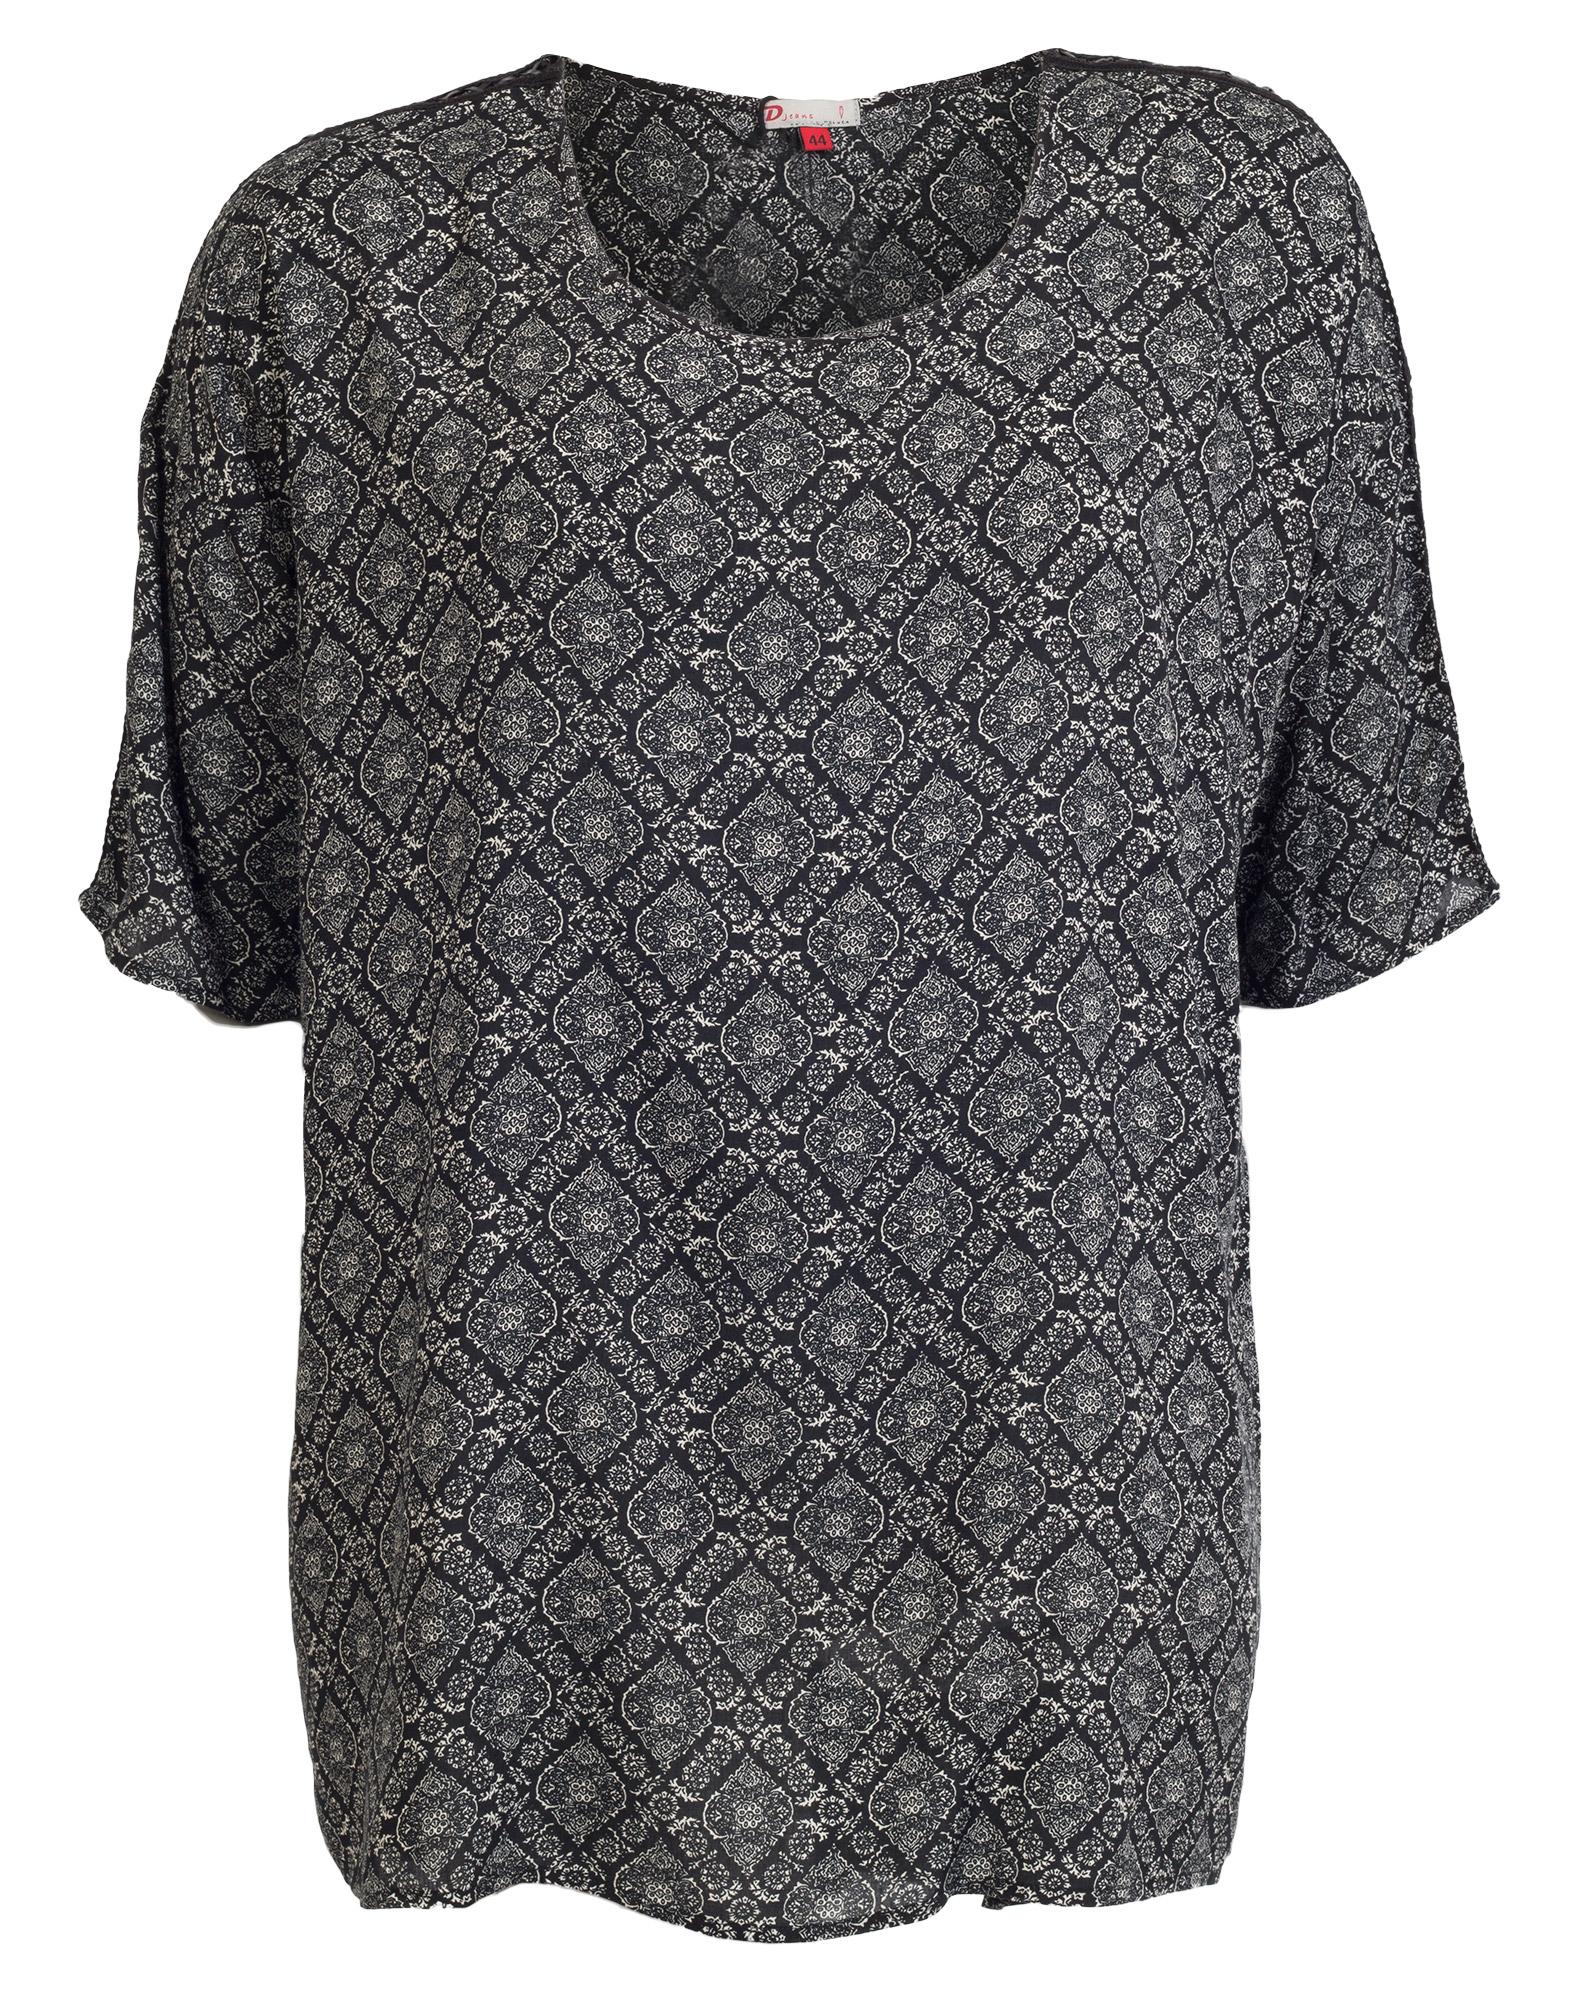 Sort skjortebluse med klassisk mønster